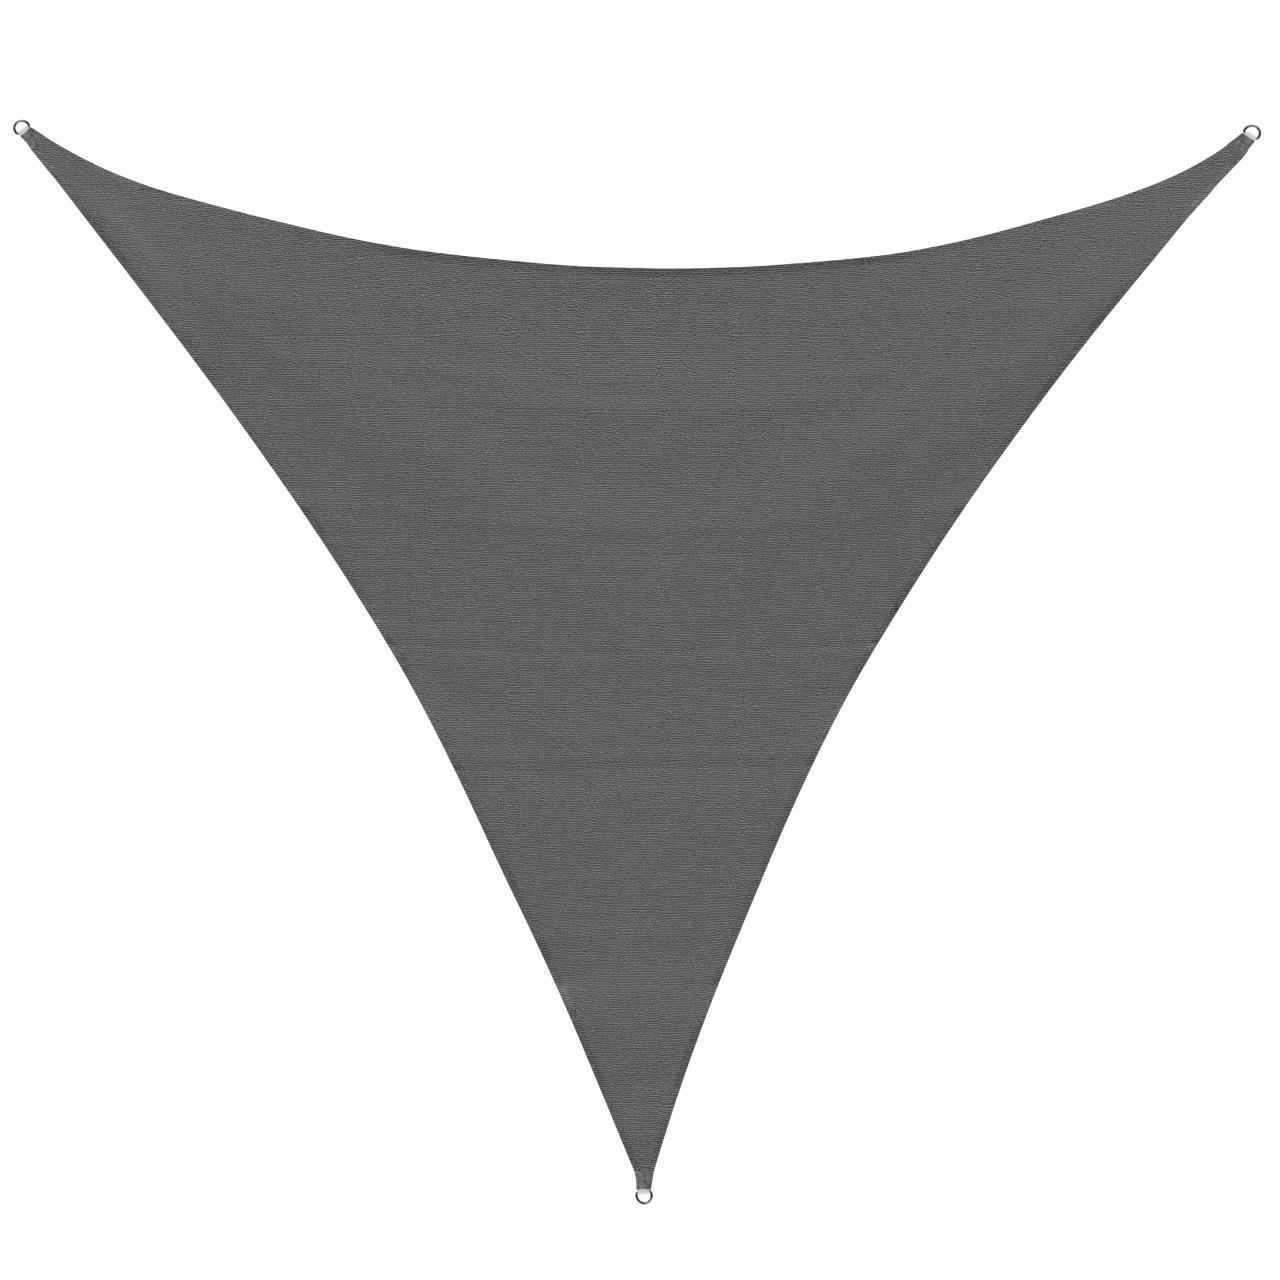 sonnensegel sonnenschutz garten sonnendach uv schutz. Black Bedroom Furniture Sets. Home Design Ideas